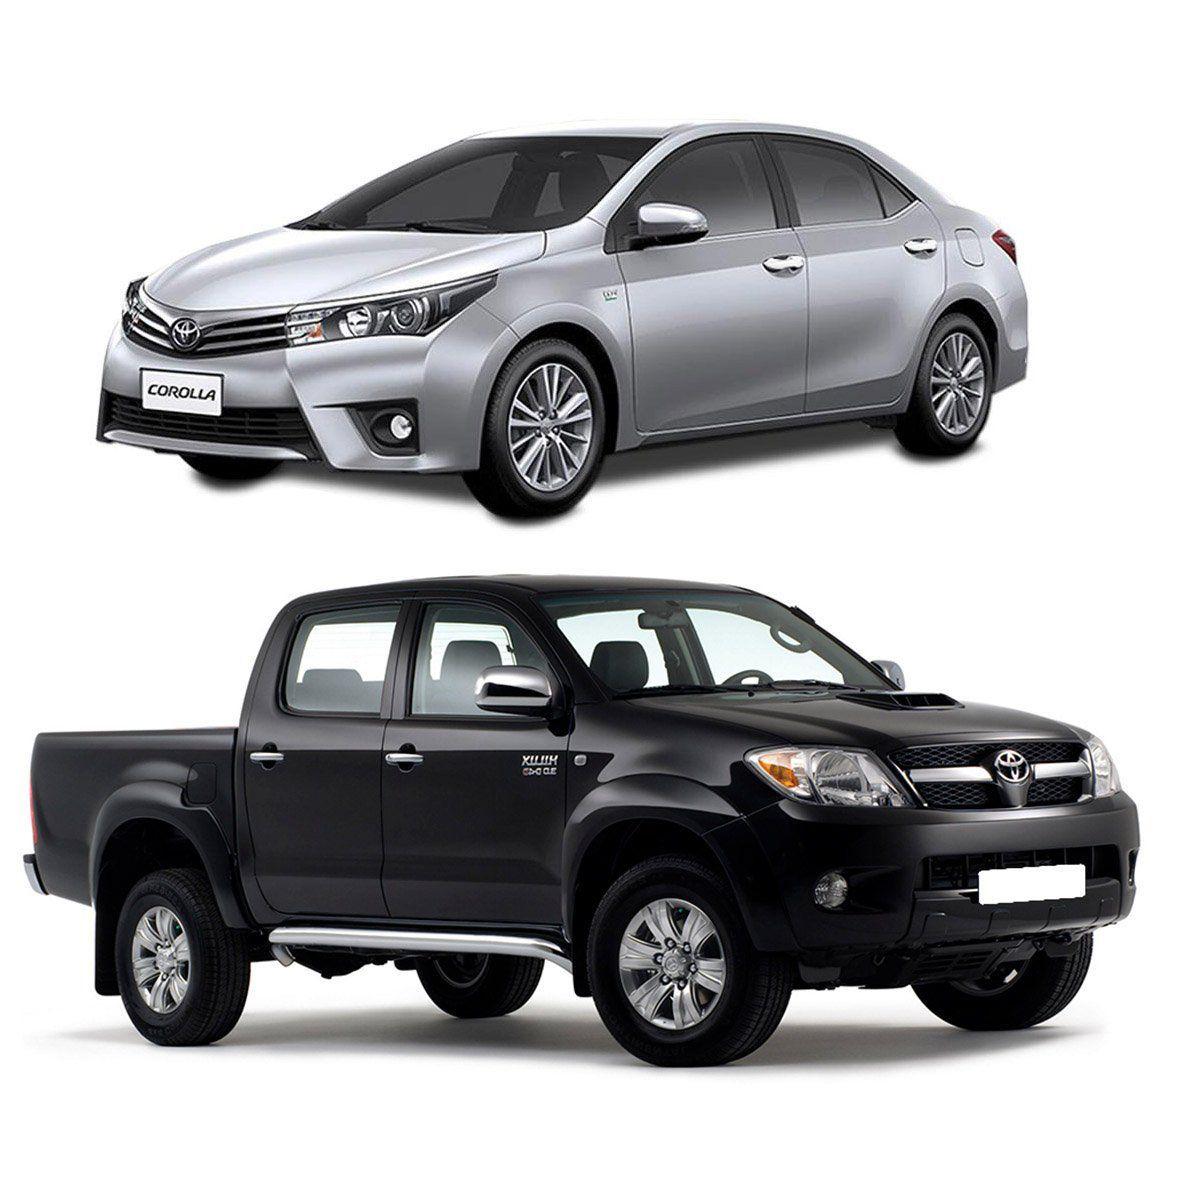 Aplique de Maçaneta Toyota Hilux Corolla 2002 a 2015 Cromado